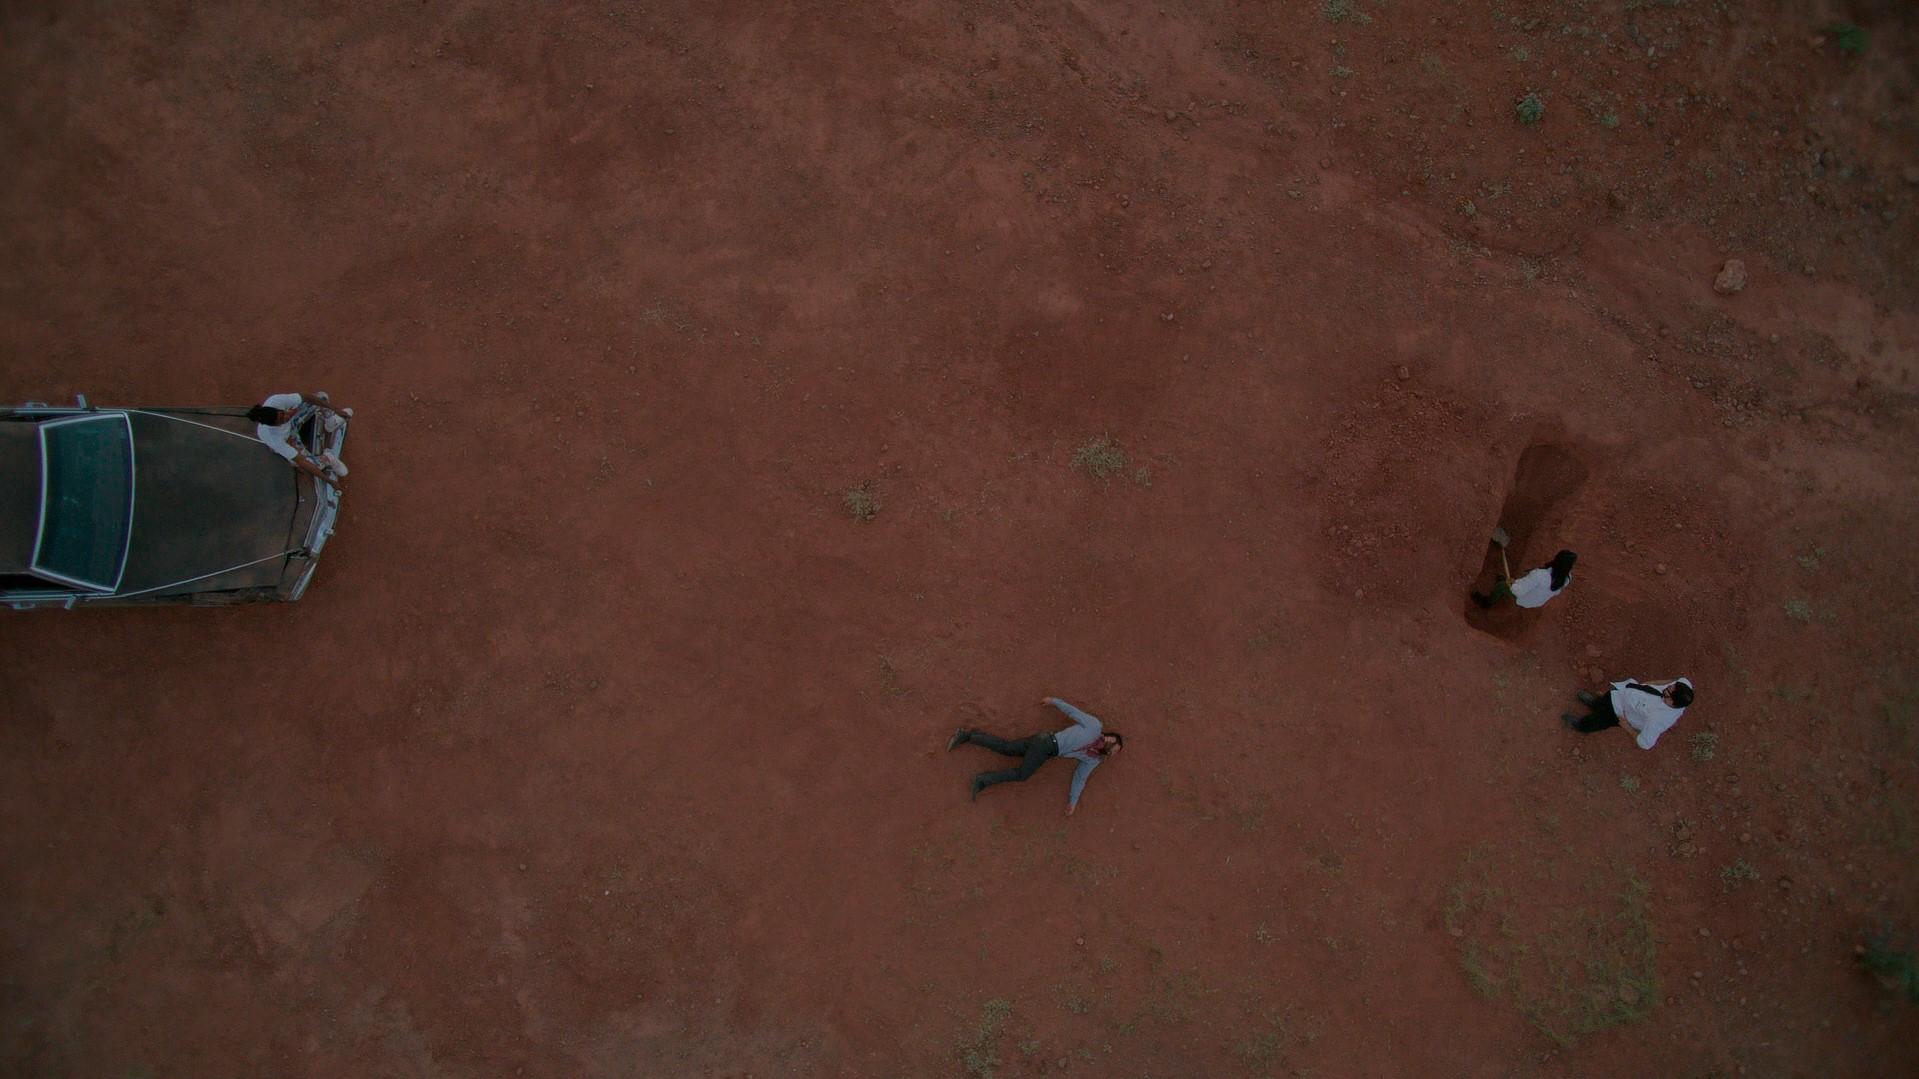 Mobley e Trenton cavando um buraco para esconder um corpo que está jogado perto. Enquanto Leon os observa sentado no capô de um cadillac amassado no meio do deserto